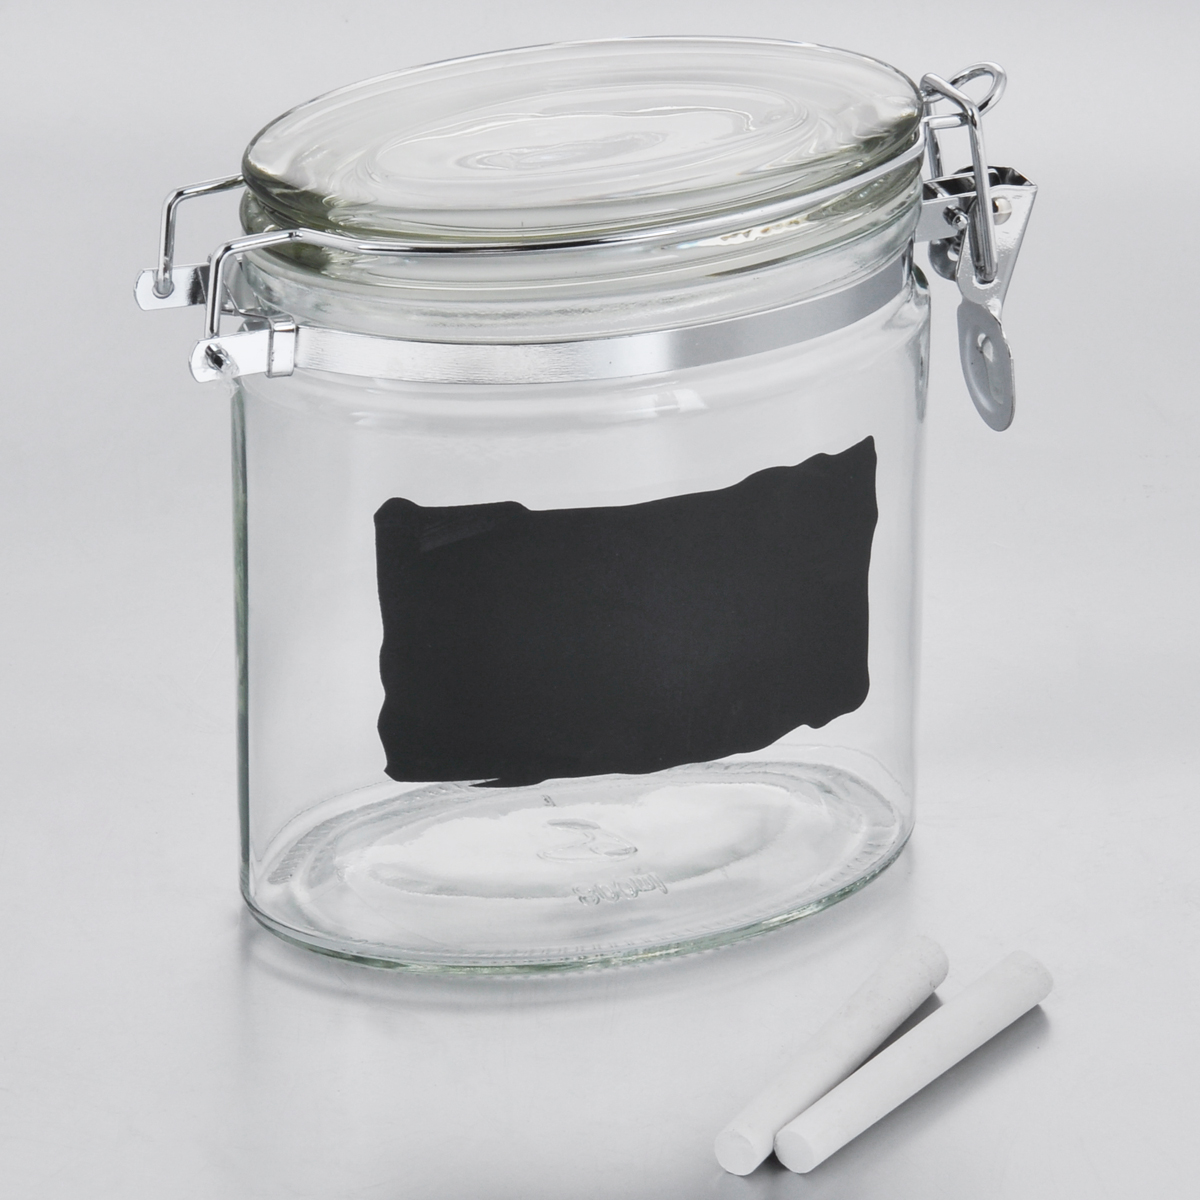 Емкость для хранения Esprado Cristella, с доской и мелками, 650 млC050603E405Емкость для хранения Esprado Cristella изготовлена из качественного прозрачного стекла,отполированного до идеального блеска и гладкости. Изделие имеет овальную форму. Стеклотермостойкое, что позволяет использовать емкость Esprado при различных температурах (от -15° С до +100°С). Это делает ее функциональным и универсальным кухонным аксессуаром. Емкостьпрекрасно подходит для хранения кофе, сахара, орехов, специй и других сыпучих продуктов.Изделие оснащено крышкой с силиконовой прослойкой, которая плотно закрываетсяметаллическим зажимом. Это обеспечивает герметичность идольше сохраняет продукты свежими. На внешней стенке имеется доска, на которой можнозаписать название продуктов (2 мелка в комплекте).Благодаря различным дизайнерским решениям такая емкость дополнит и украсит интерьерлюбой кухни.Емкости для хранения из коллекции Cristella разработаны на основе эргономичных дизайнерскихрешений, которые позволяют максимально эффективно и рационально использовать кухонныеповерхности. Благодаря универсальному внешнему виду, они будут привлекательно смотреться винтерьере любой кухни.Емкости для хранения незаменимы на кухне: они помогают сохранить свежесть продуктов,защищают от попадания излишней влаги и позволяют эффективно использовать ограниченноекухонное пространство.Не использовать в духовом шкафу, микроволновой печи и посудомоечной машине.